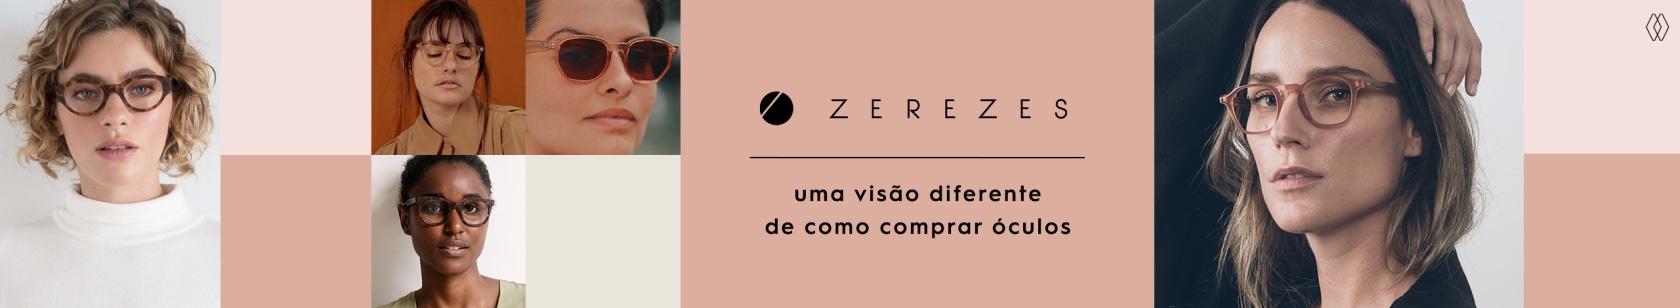 ÓCULOS ZEREZES | AMARO